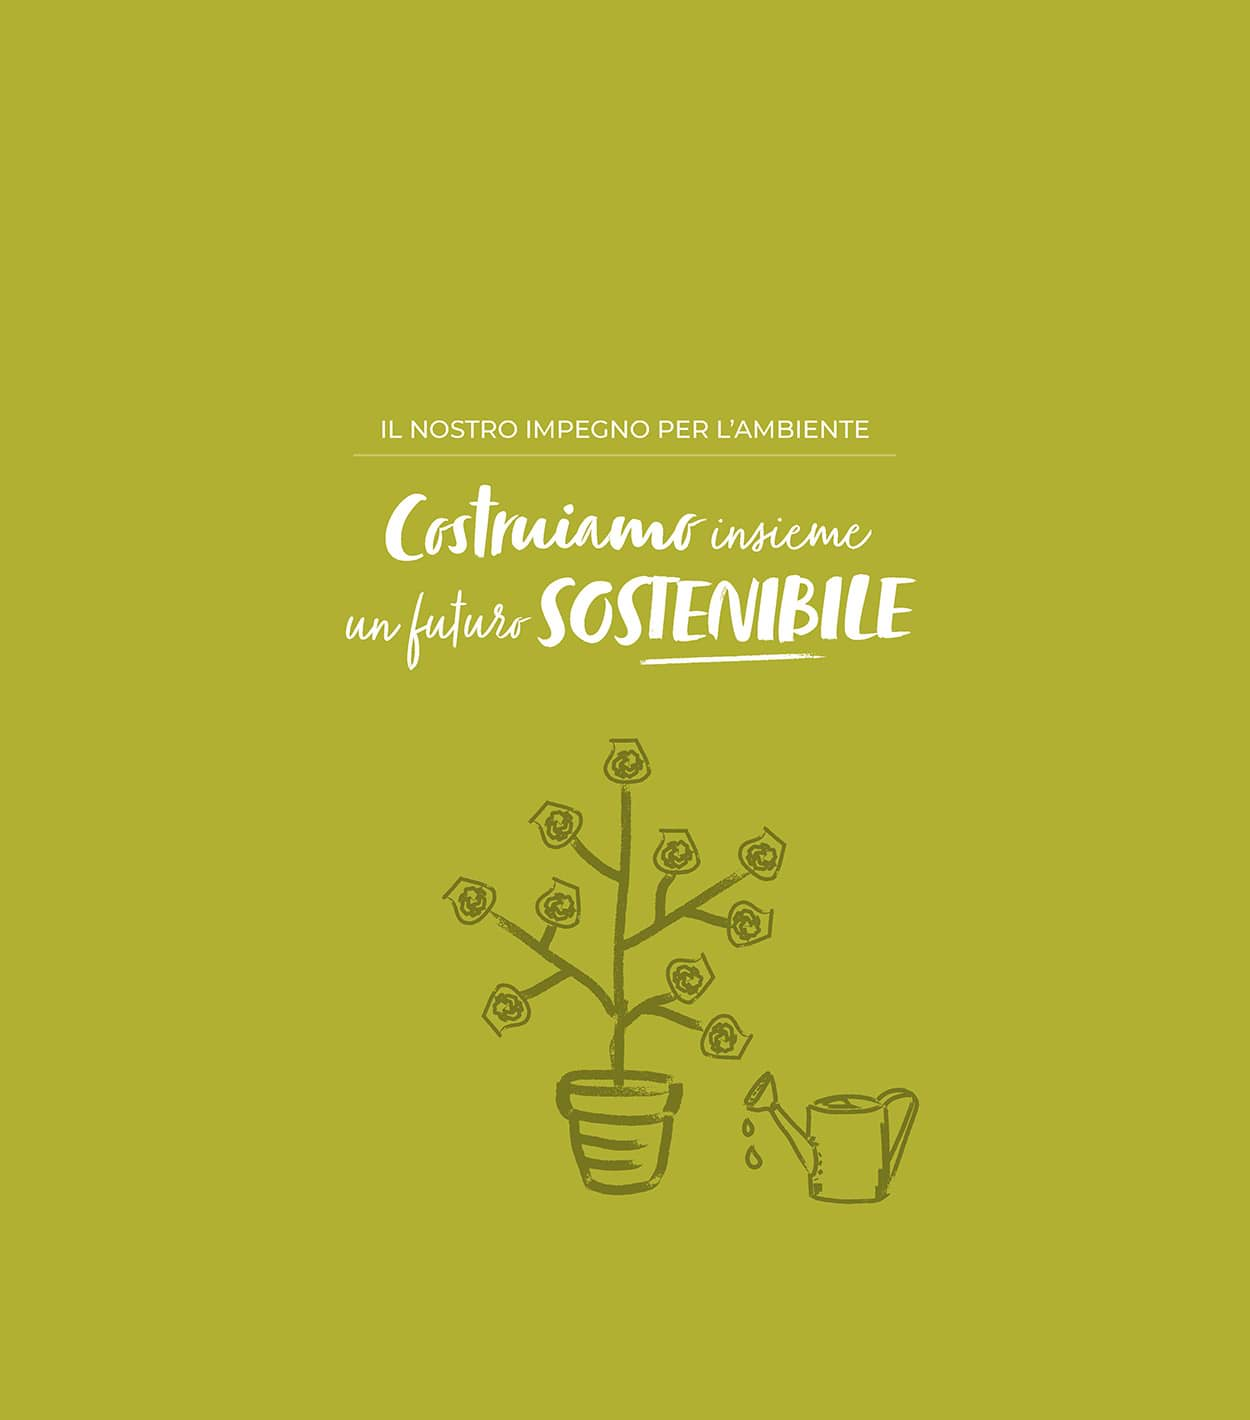 Pubblicato il Bilancio di Sostenibilità Mapei 2018 di Mapei SpA e delle consociate italiane del Gruppo